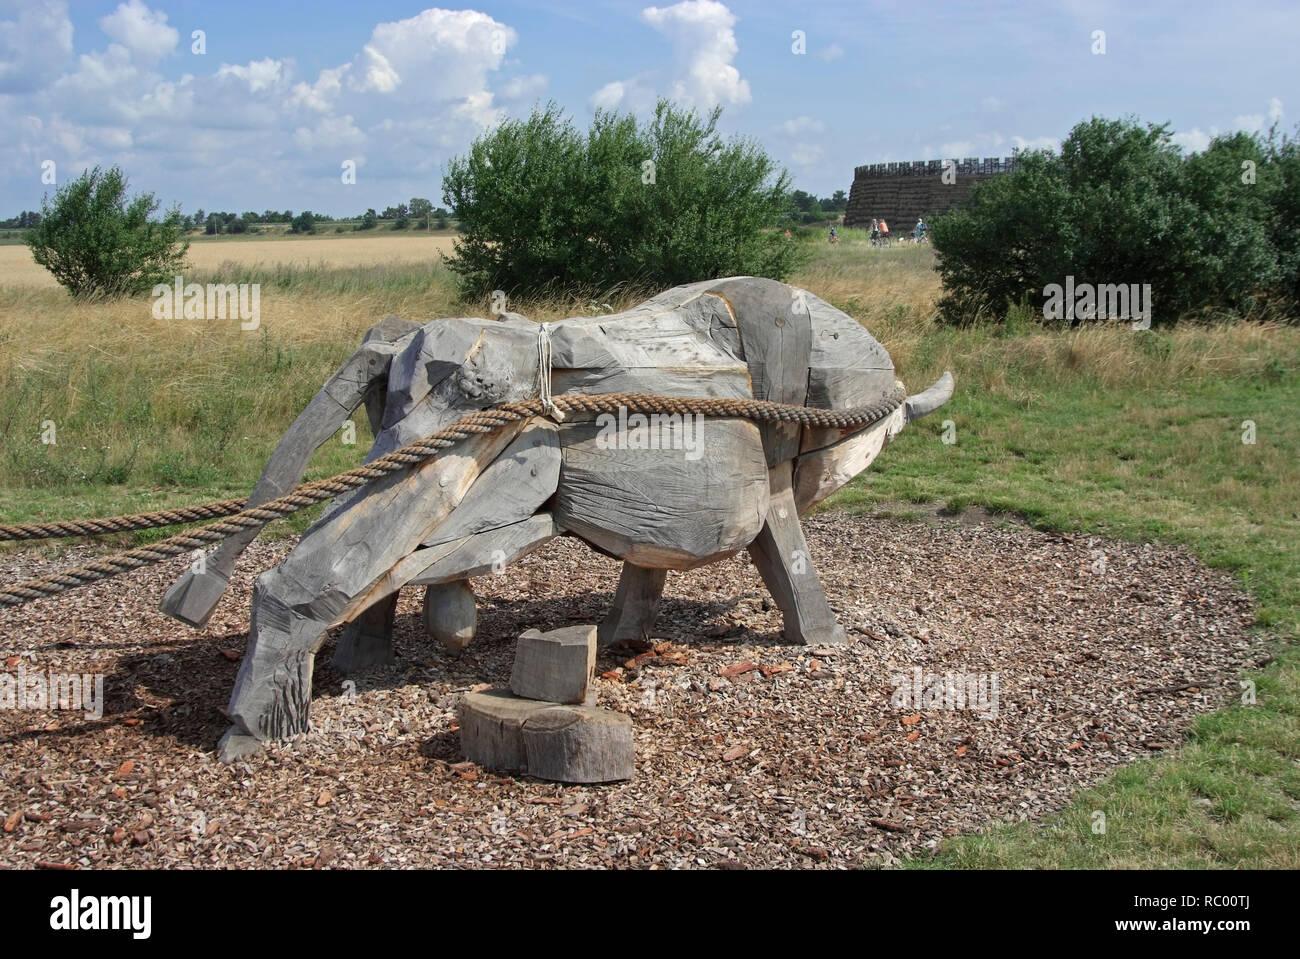 Holzochse vor Slawenburg Raddusch bei Vetschau, Spreewald, Landkreis Oberspreewald-Lausitzkreis, Land Brandenburg, Deutschland, Europa   castle for th - Stock Image